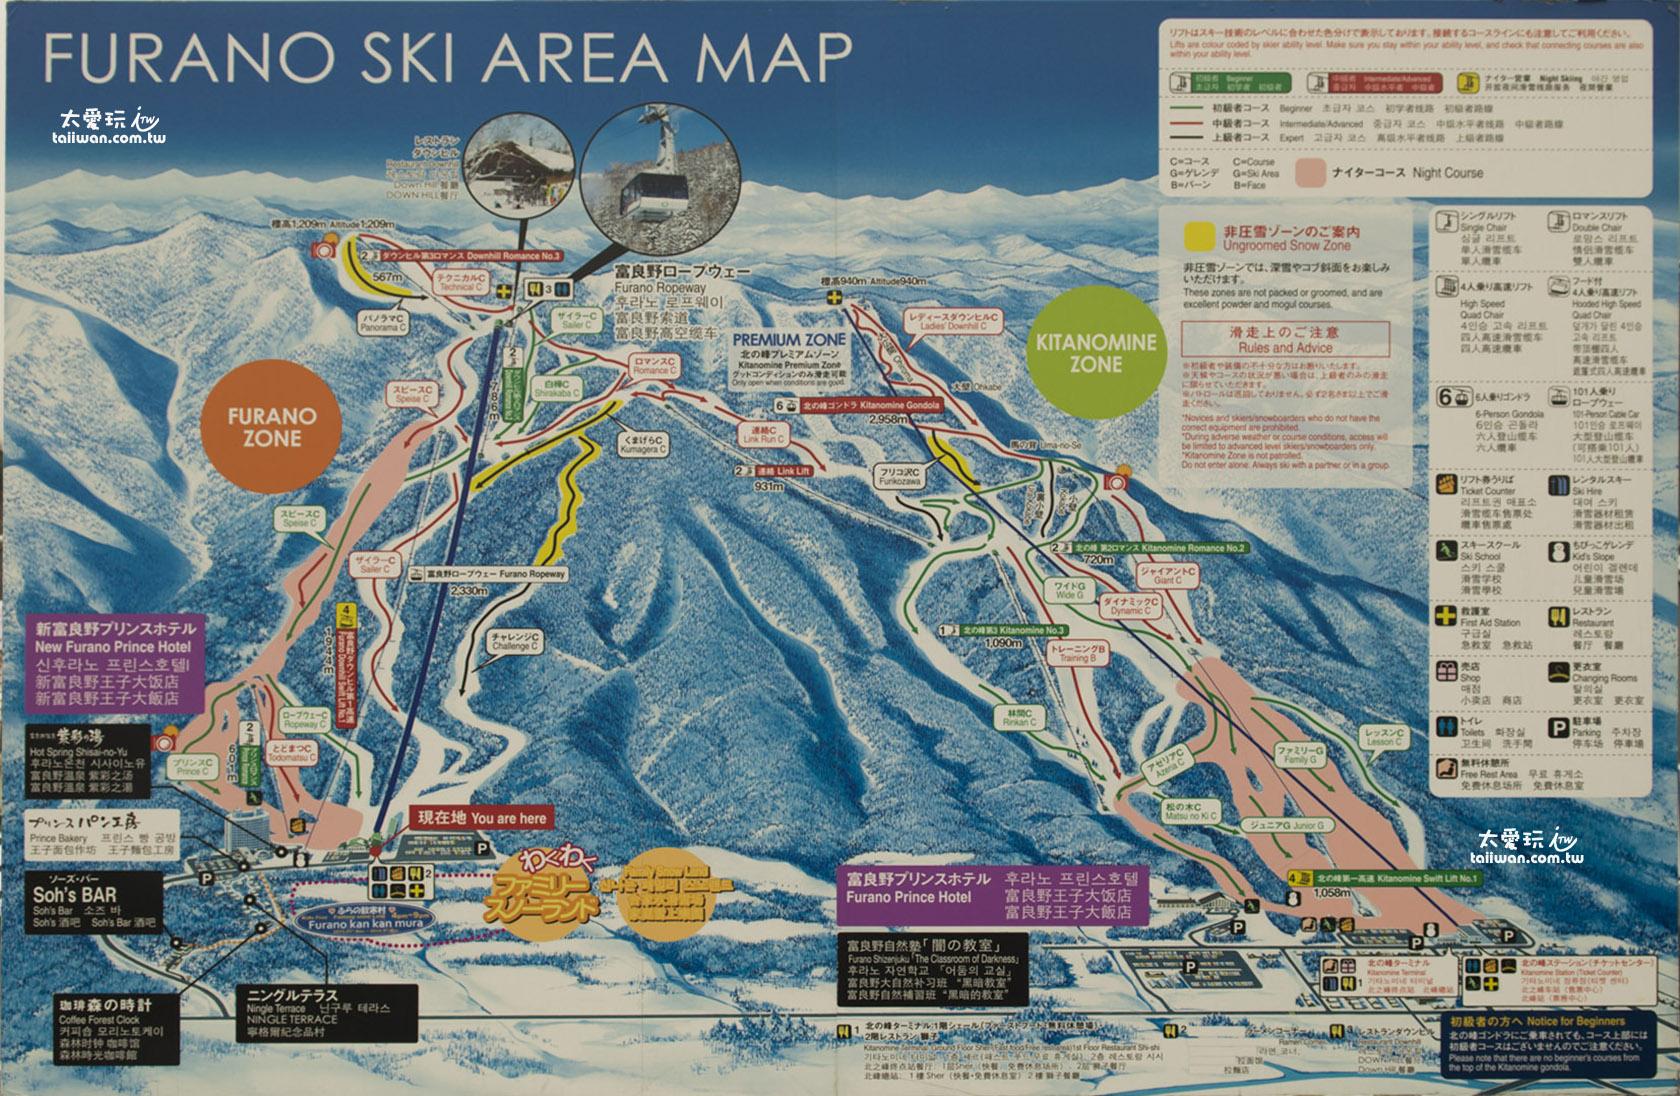 王子滑雪度假中心滑雪场范围非常大(点我看大图)